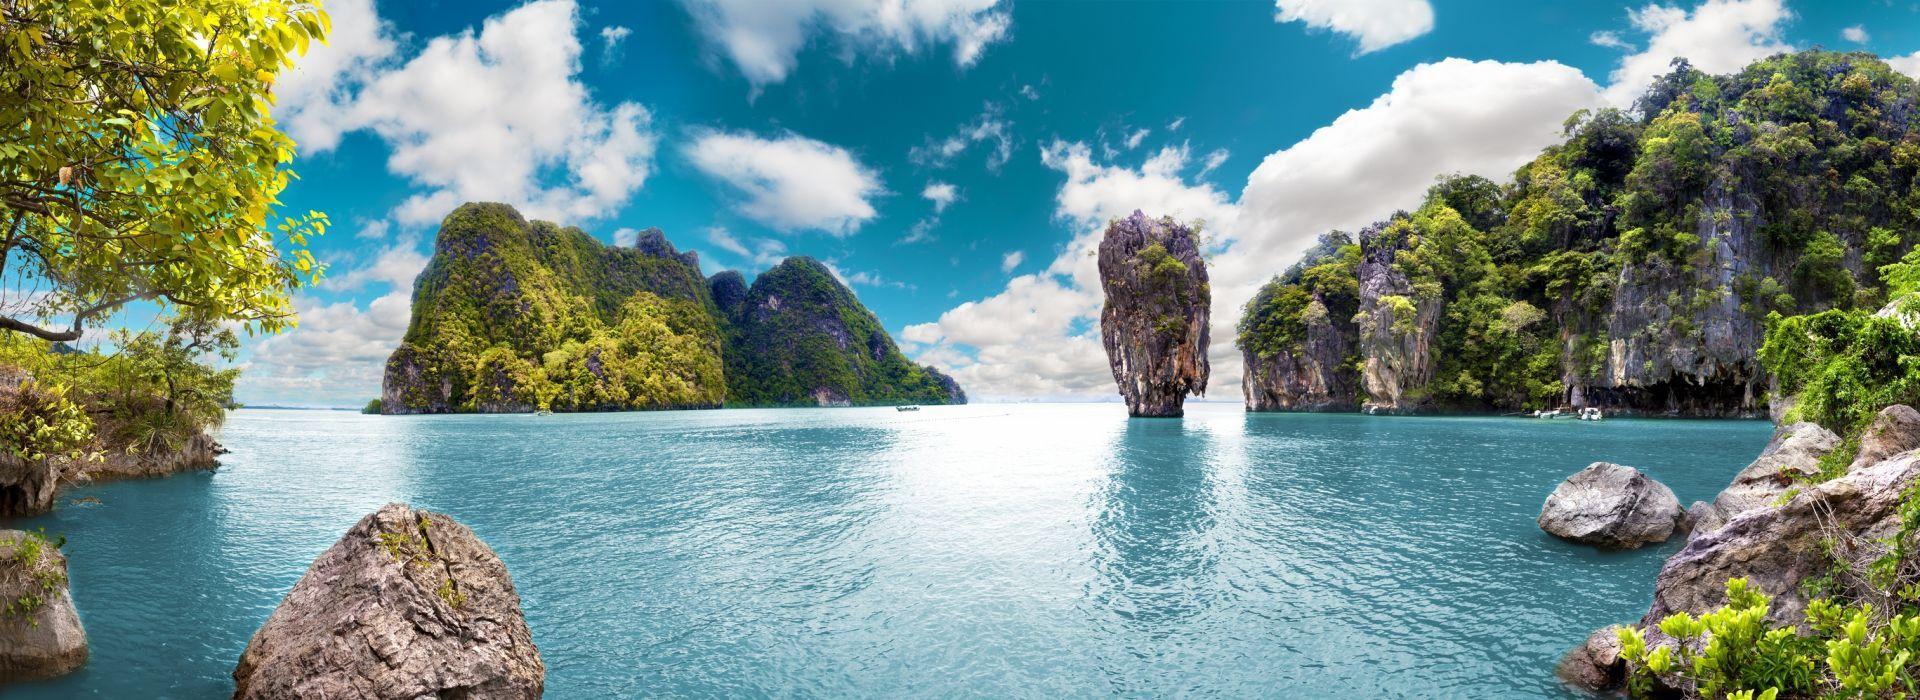 Trekking Tours in Bangkok